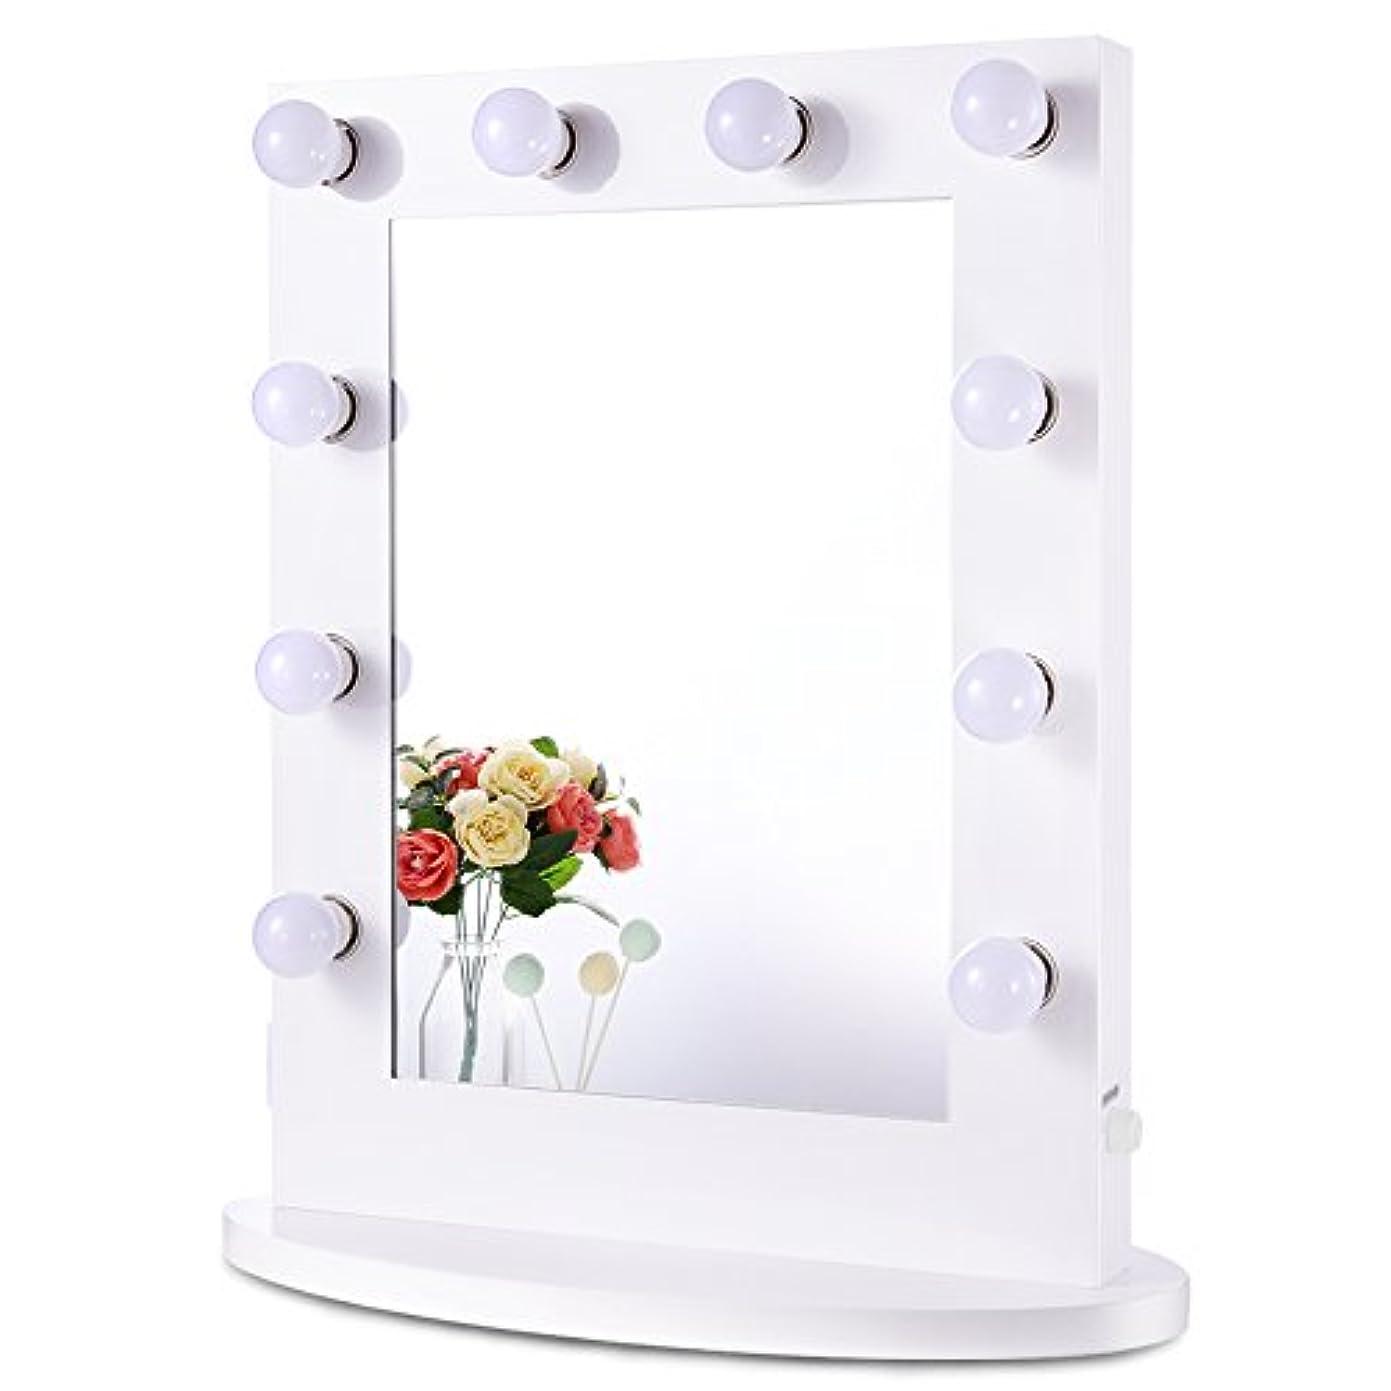 女優ミラー 女優鏡 大型 壁掛け LED ライト付き コンセント付き 無段階調光 化粧鏡 ハリウッドミラー ドレッサー (ホワイト) (縦型6550)